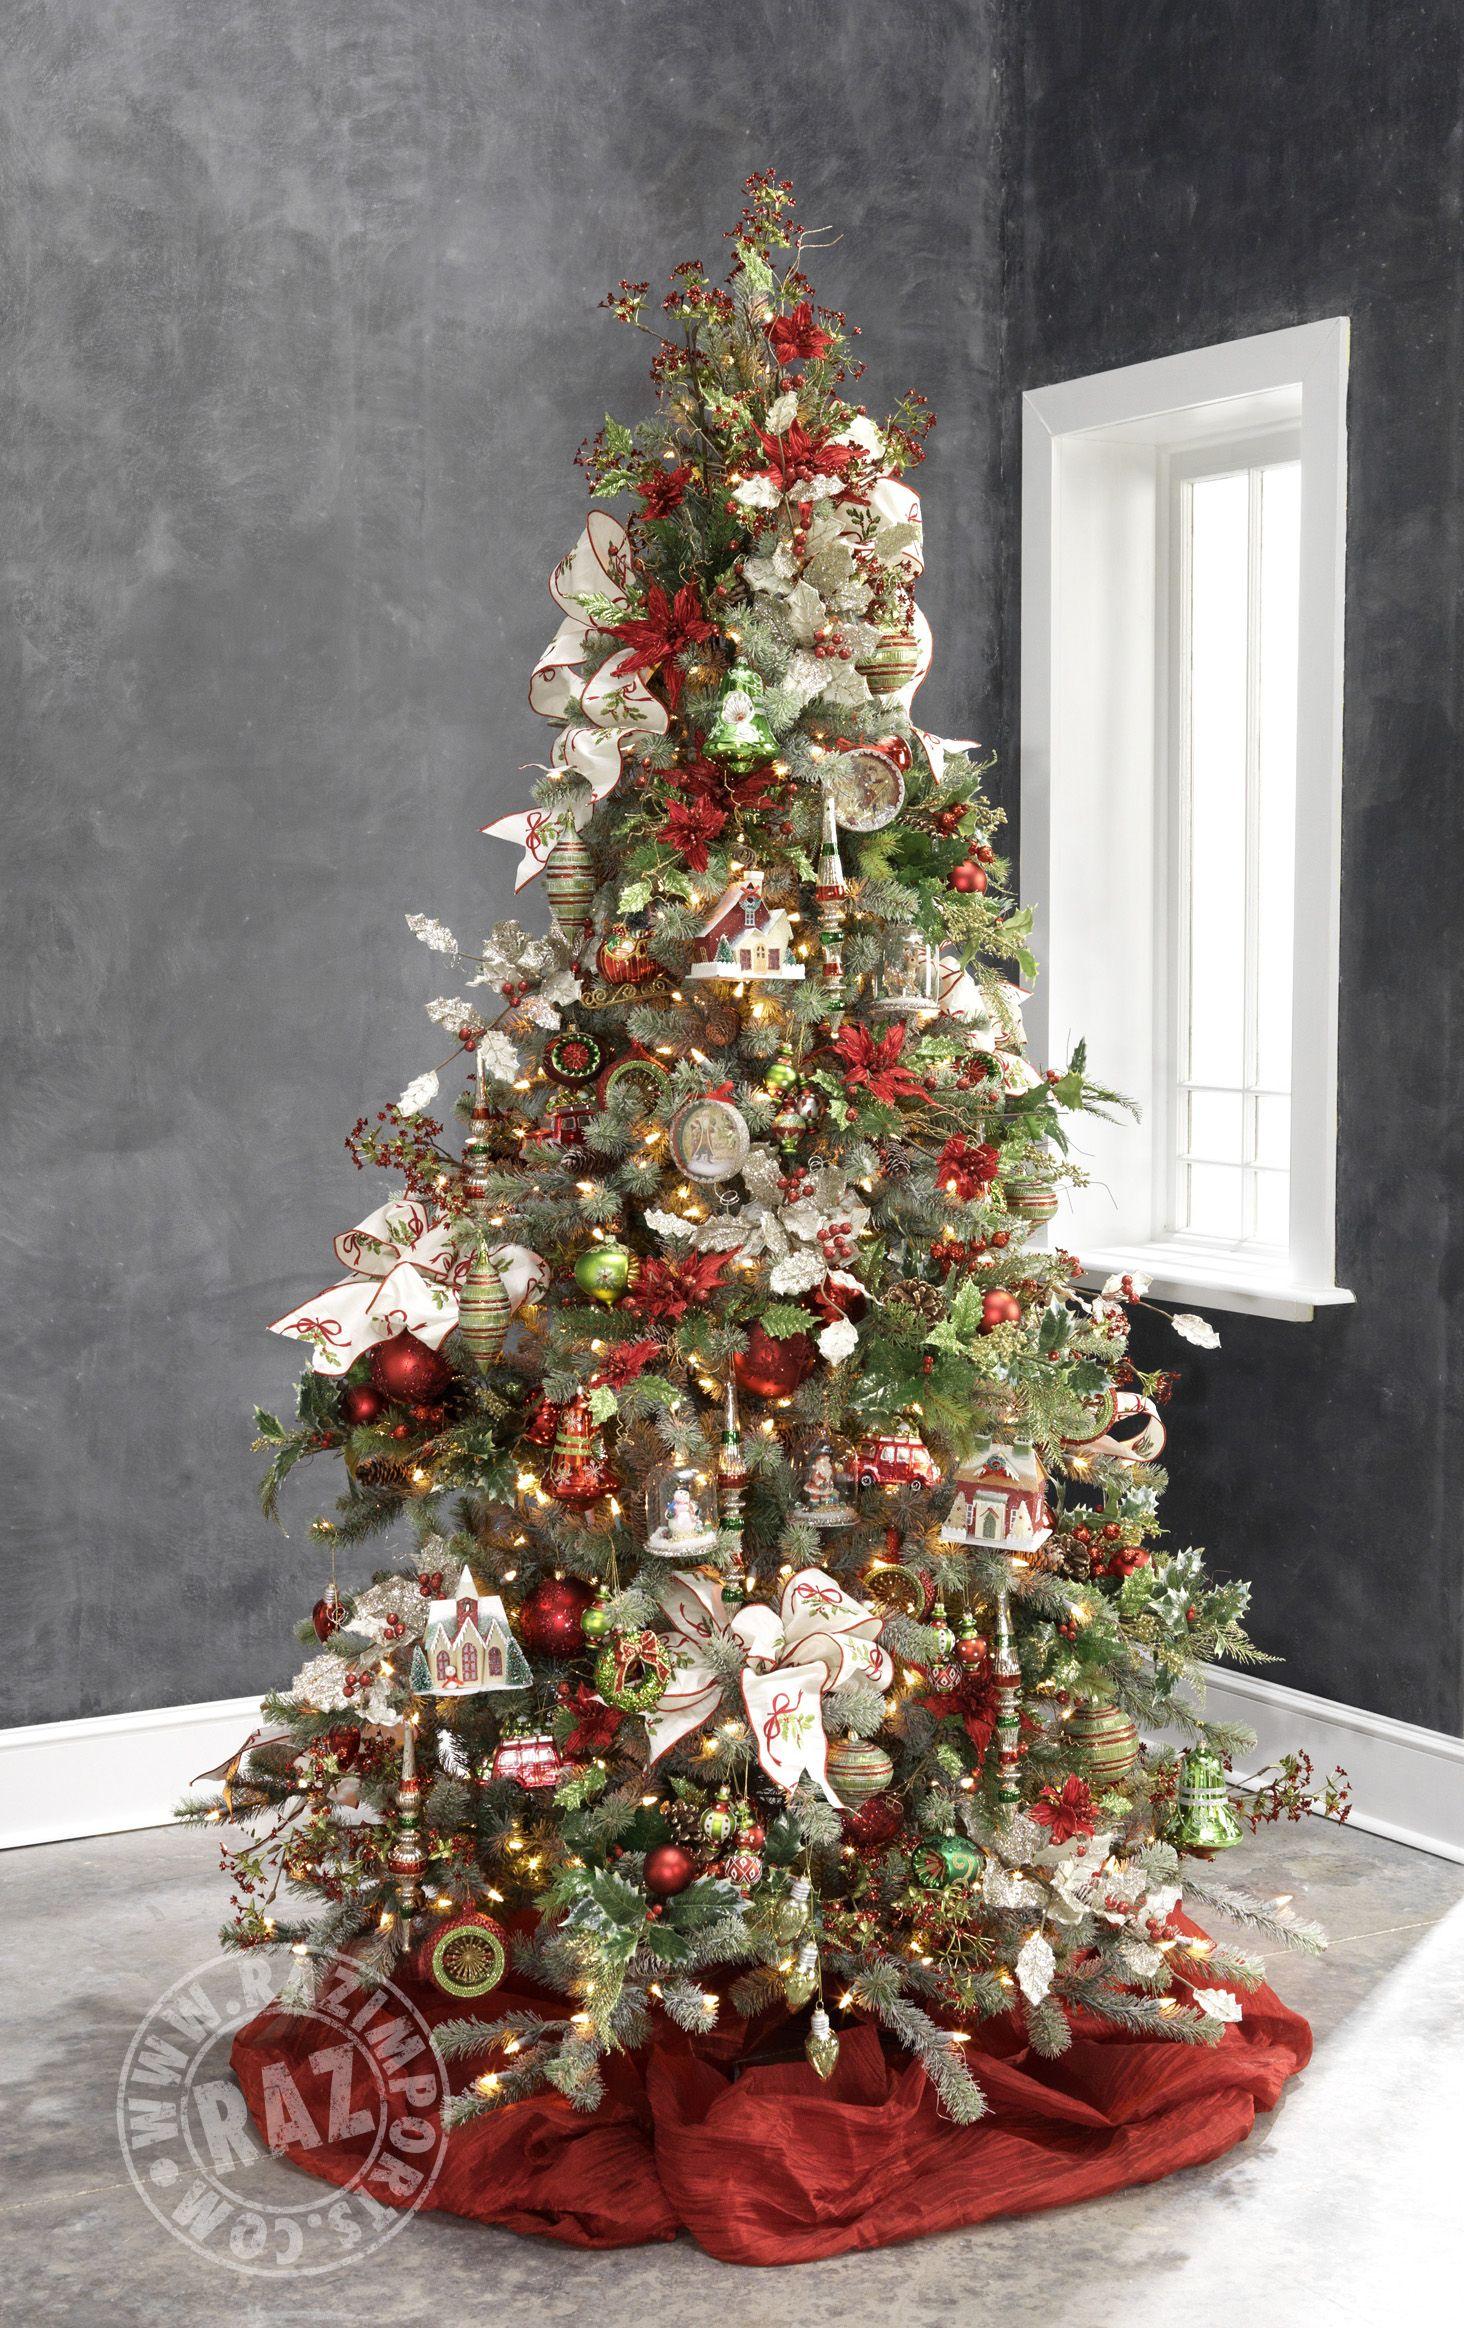 Merry Mistletoe Christmas Tree #1